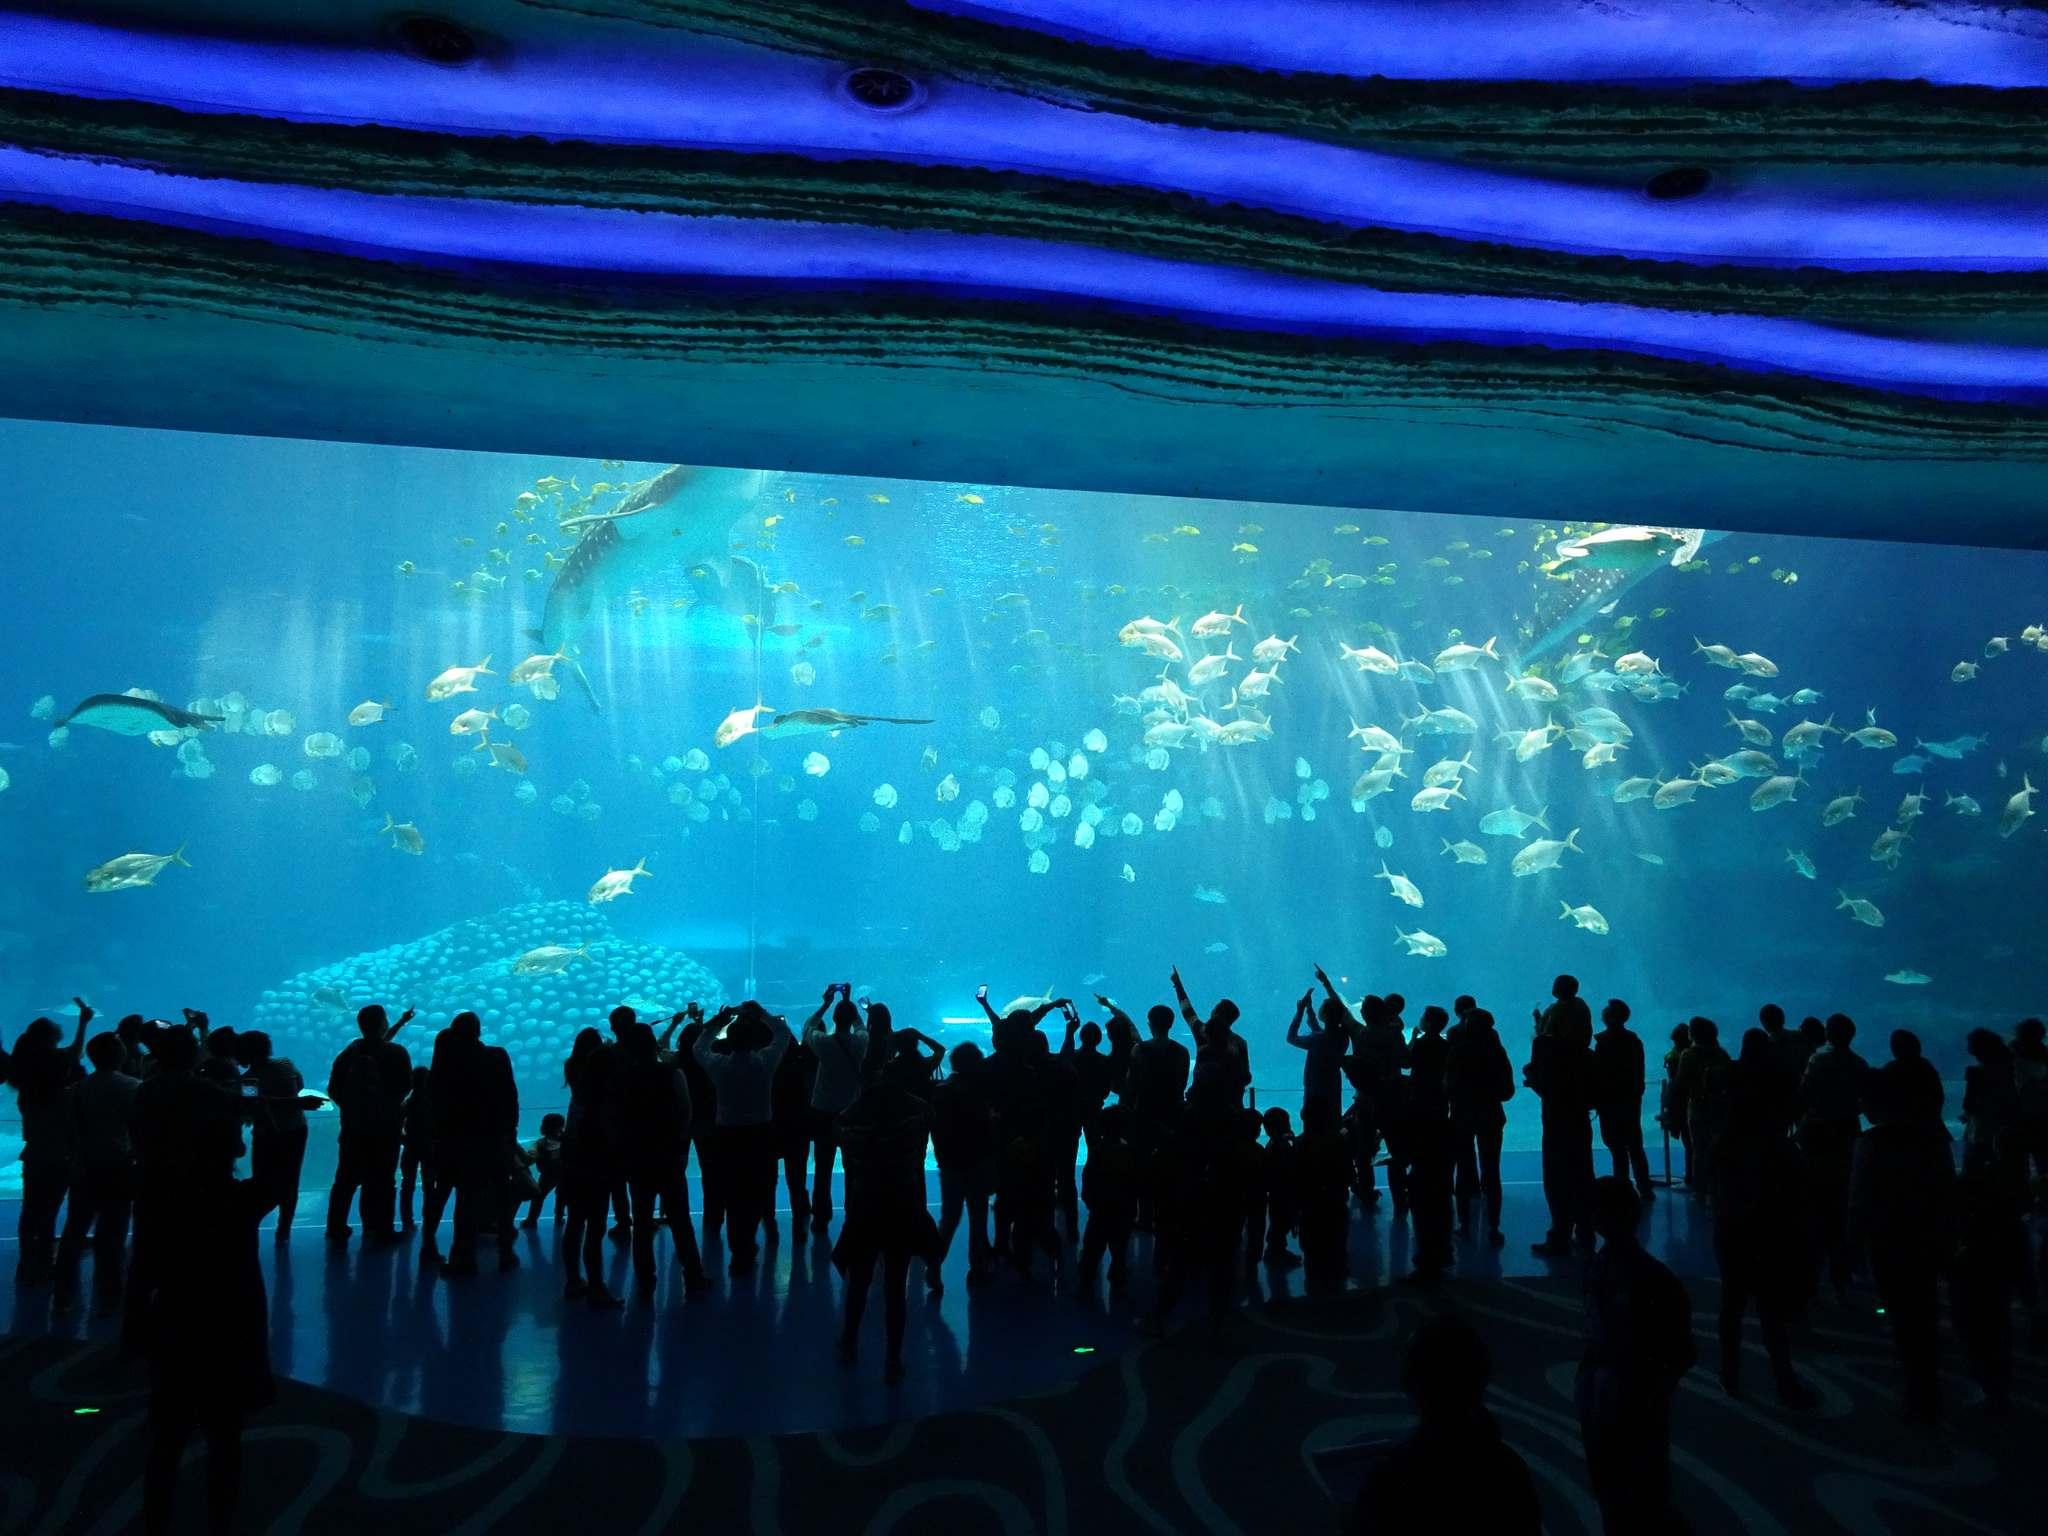 chimelong ocean kingdom14 Chimelong Ocean Kingdom   Worlds Largest Aquarium